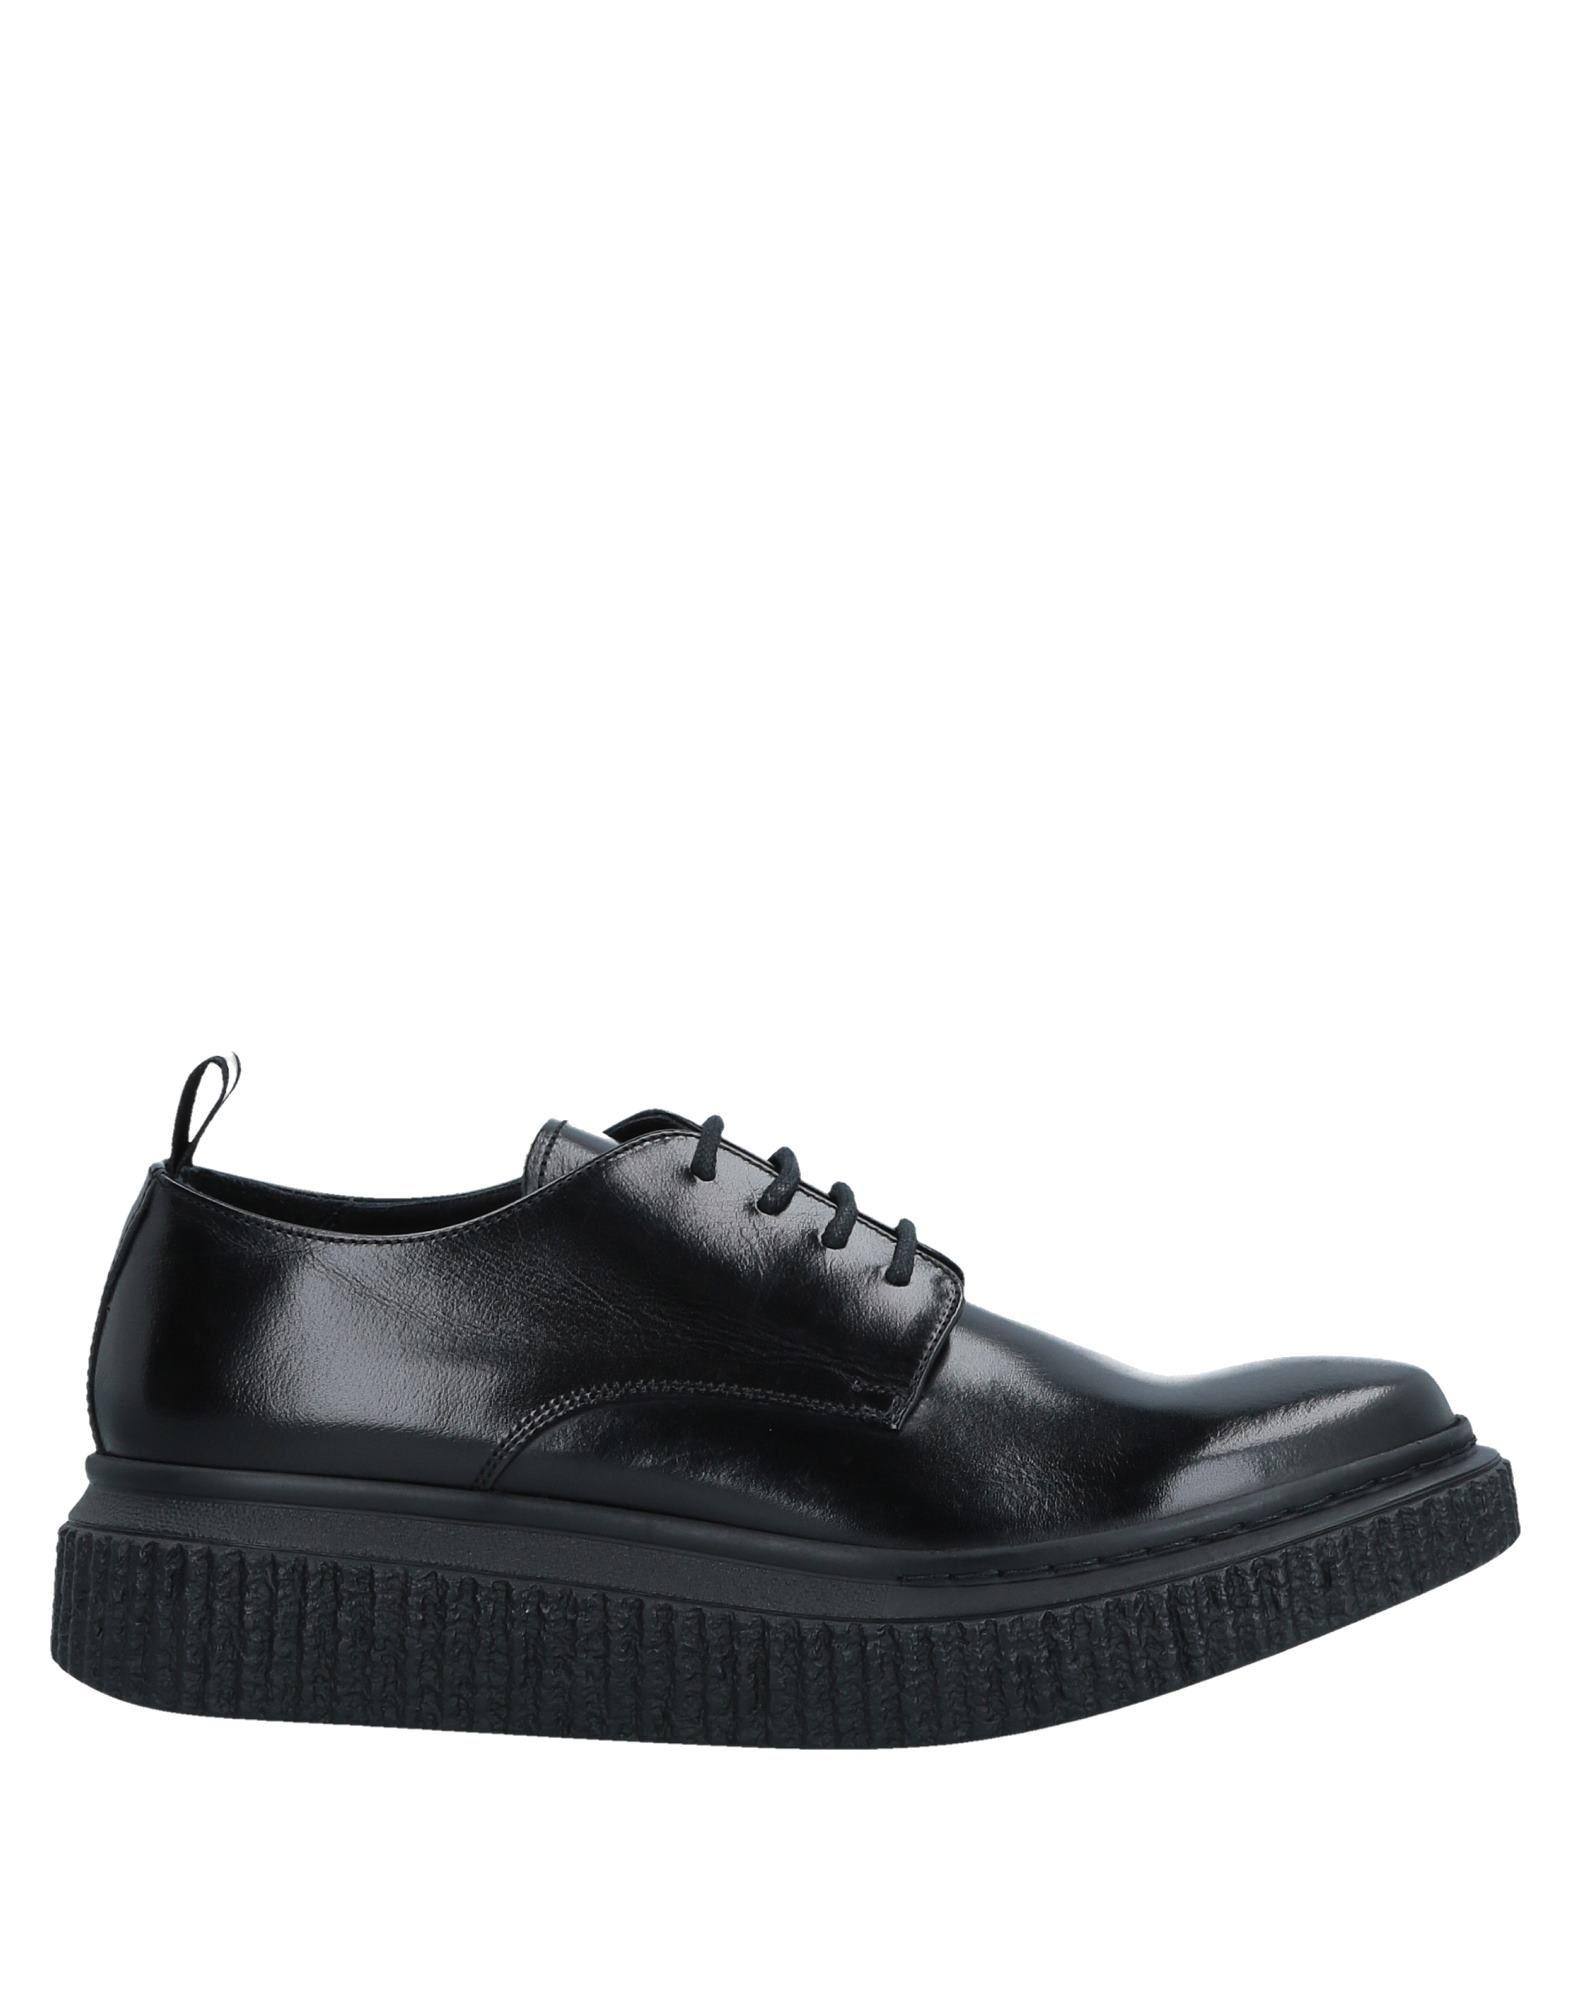 Rabatt Schuhe Damen Officine Creative Italia Schnürschuhe Damen Schuhe  11516771GL df62aa